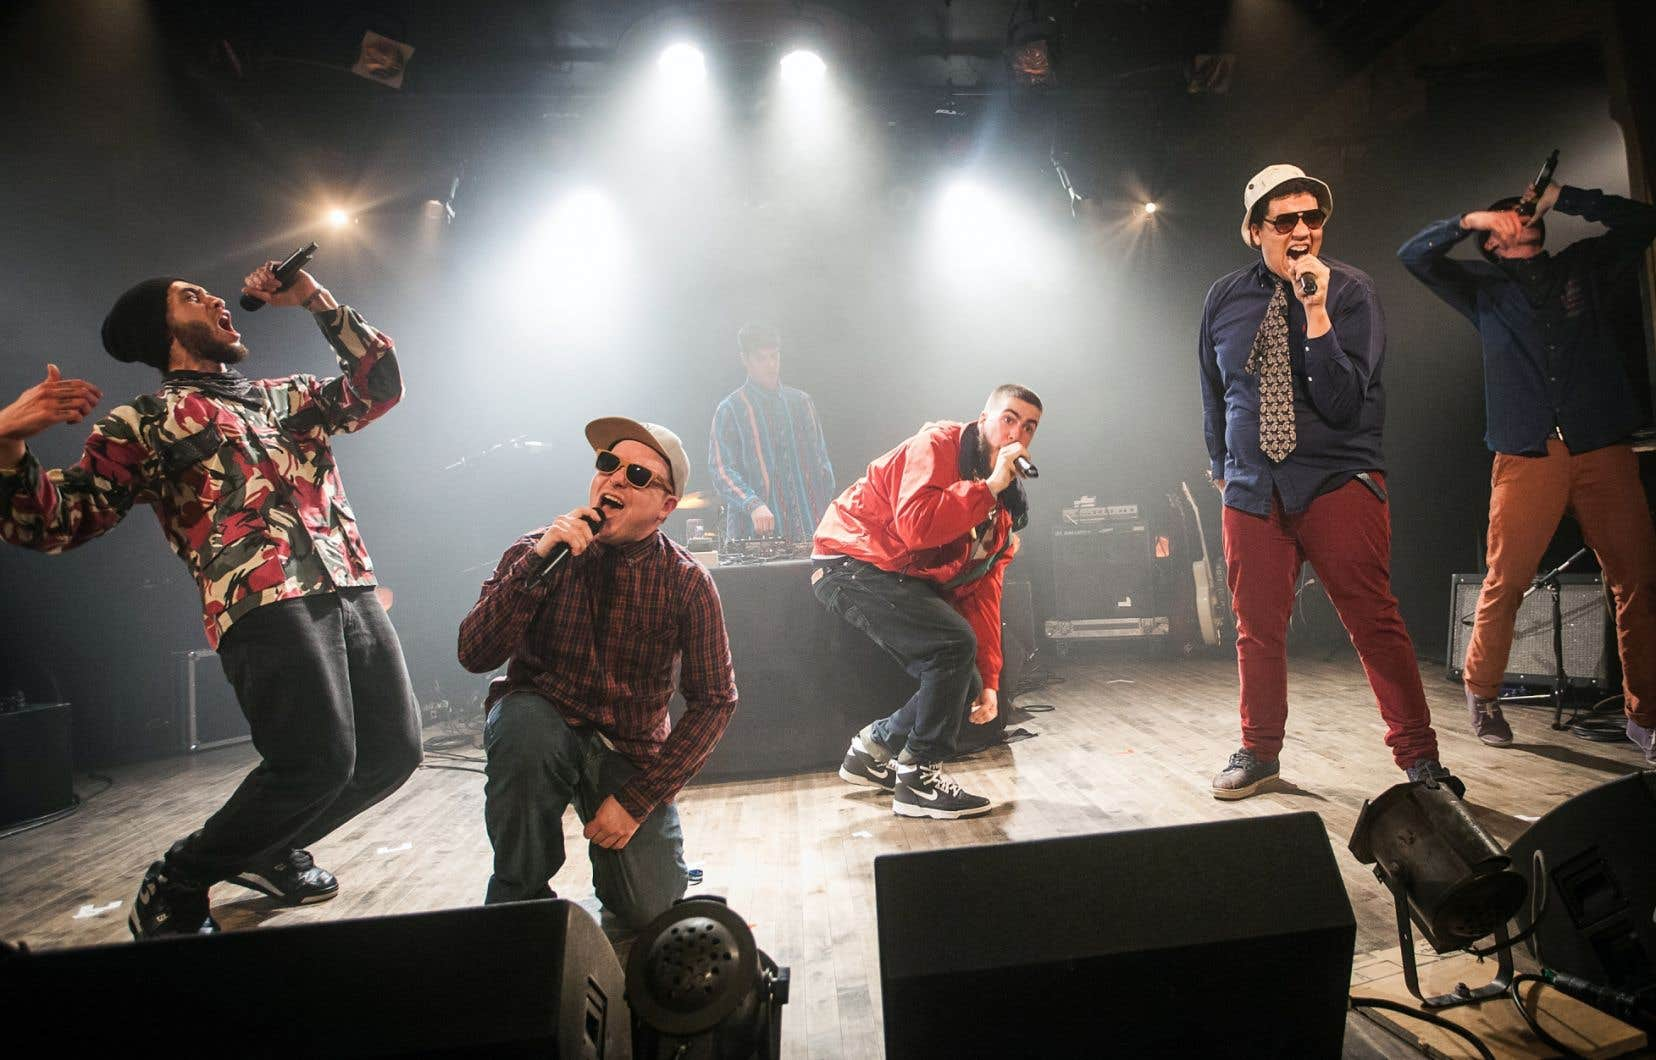 Le débat de l'anglicisation du français a refait surface avec la polémique ravivée autour du sextuor hip-hop franglo-québécois Dead Obies.